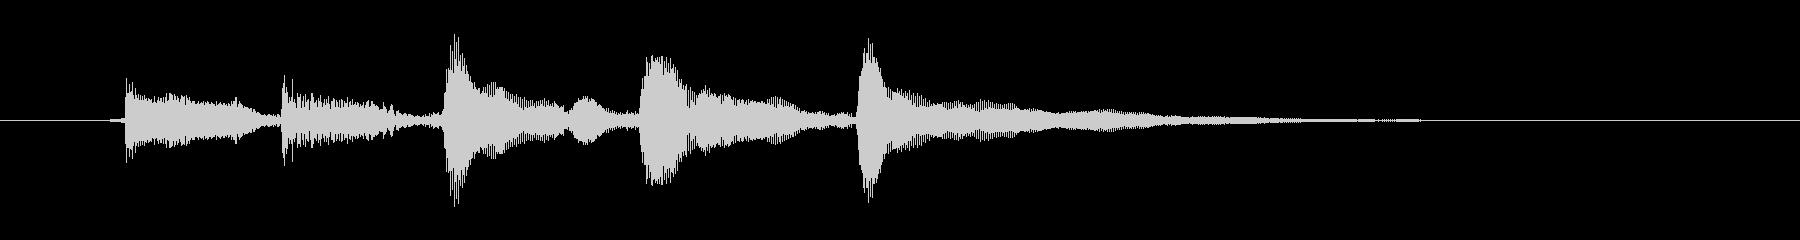 アコギ なるほどわからん 切り替えの未再生の波形